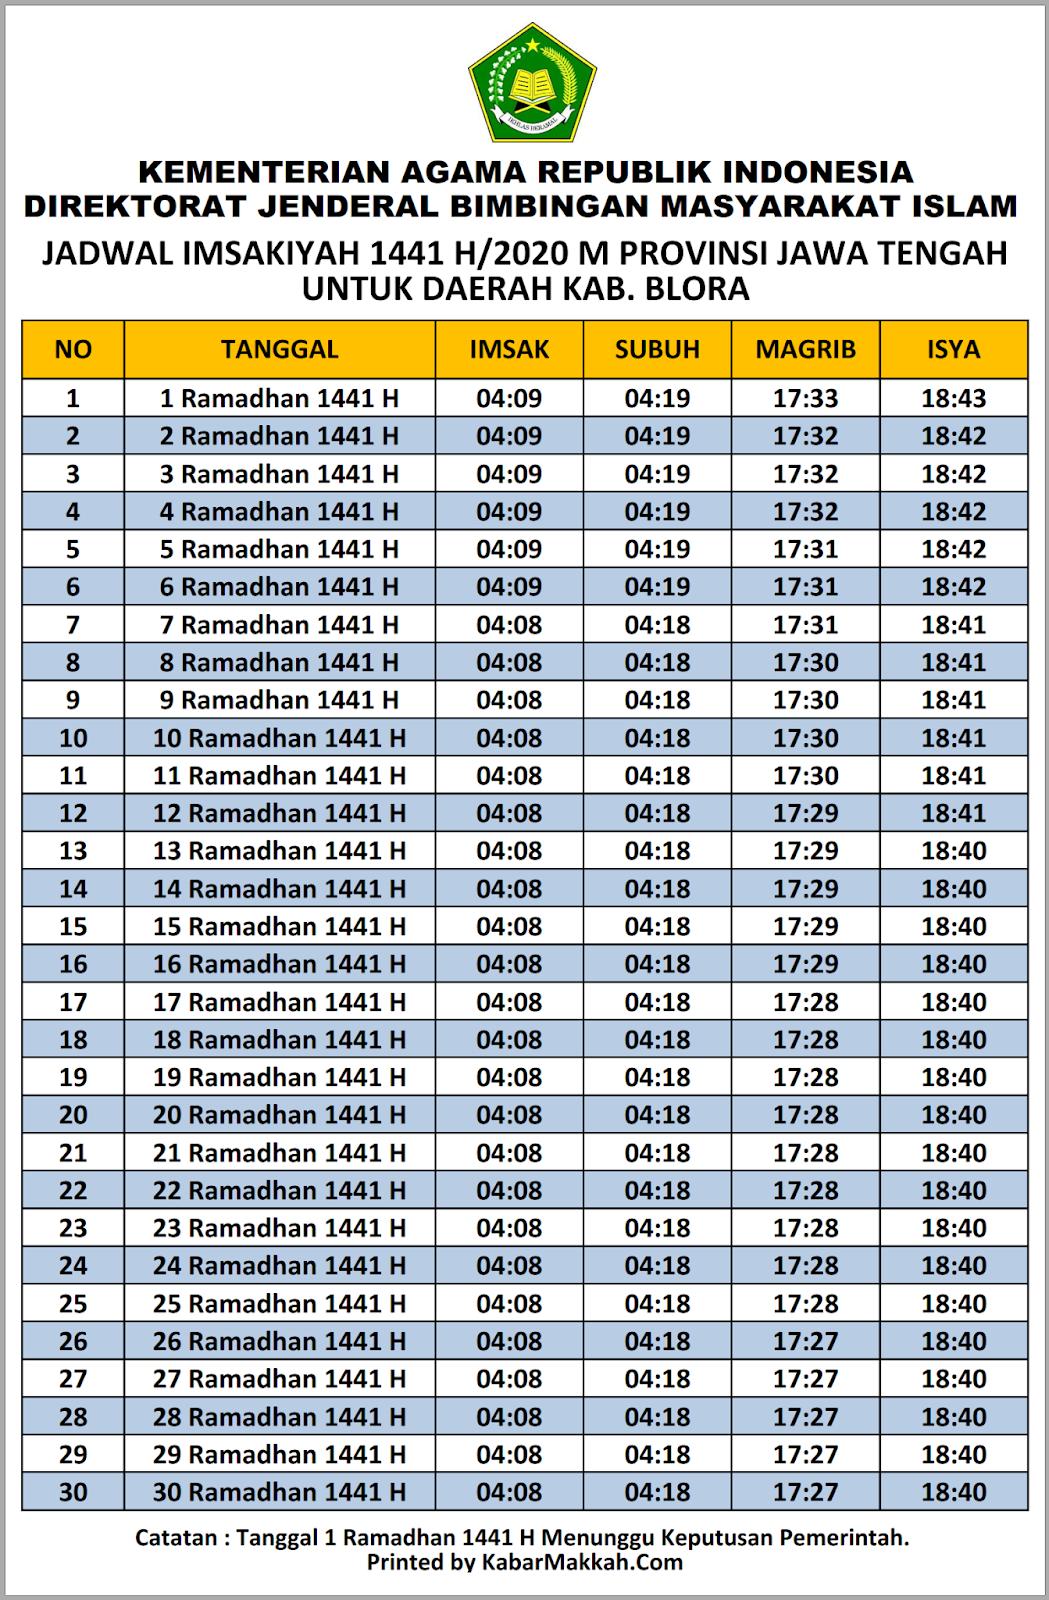 Jadwal Imsakiyah Blora 2020 / 1441 H